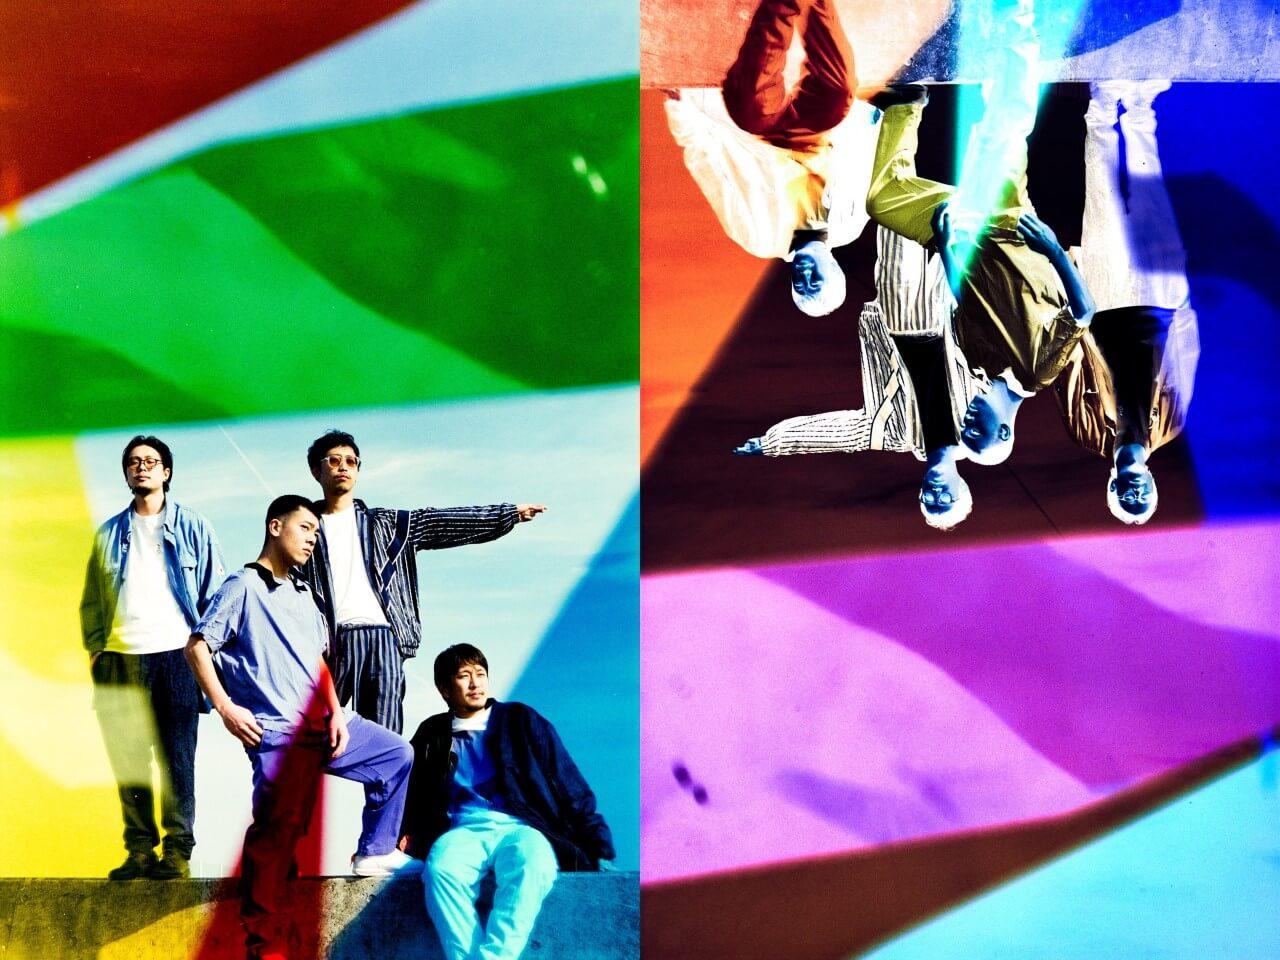 踊Foot Works ニューアルバム『GOKOH』と ニューシングル『KAMISAMA』の2枚組CDのリリースを発表サムネイル画像